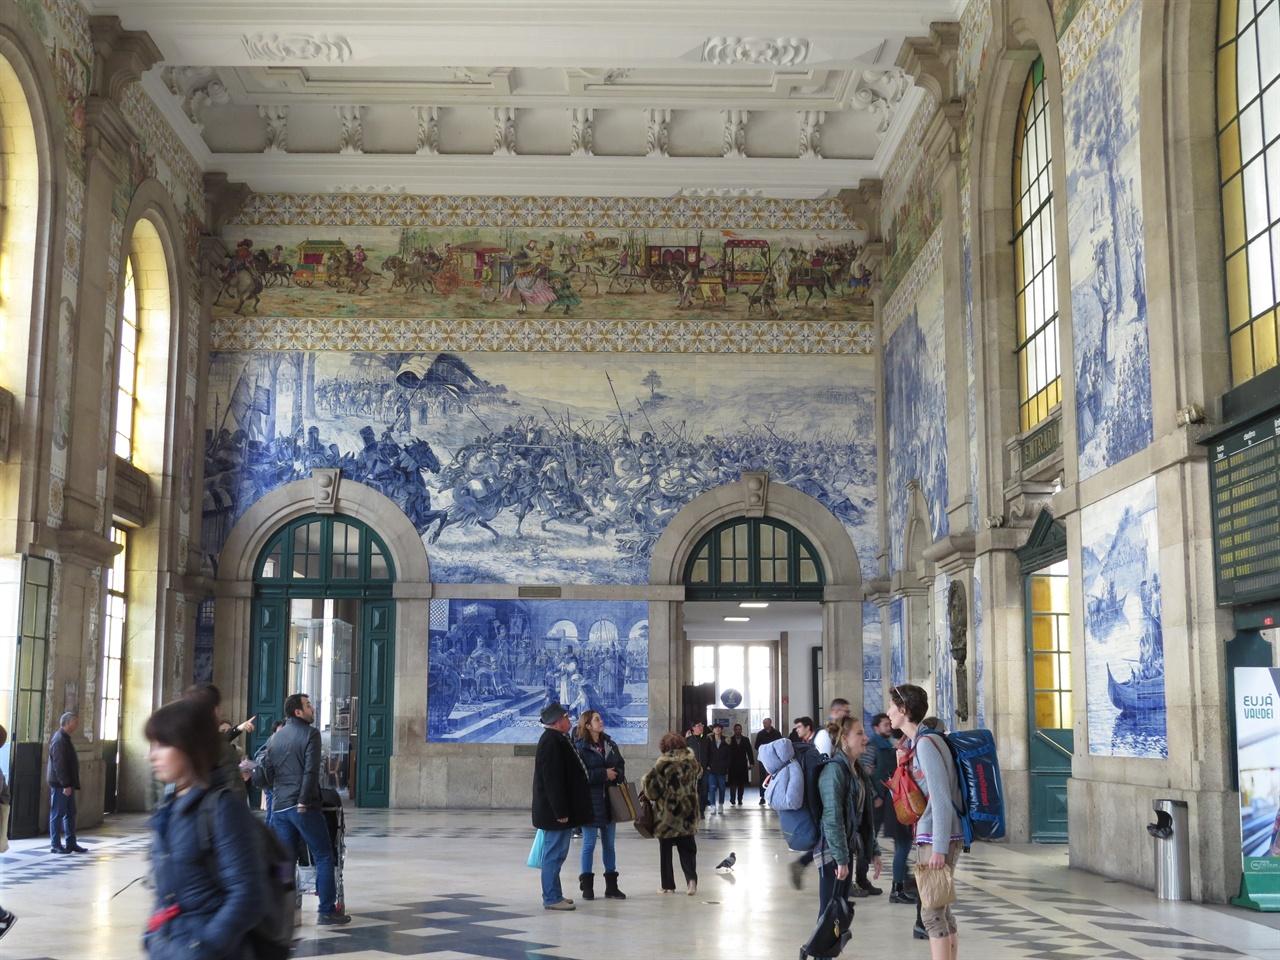 세상에서 가장 아름다운 기차역으로 중의 하나로 소문난 포르투 상벤투 역 안의 아슐레흐 장식